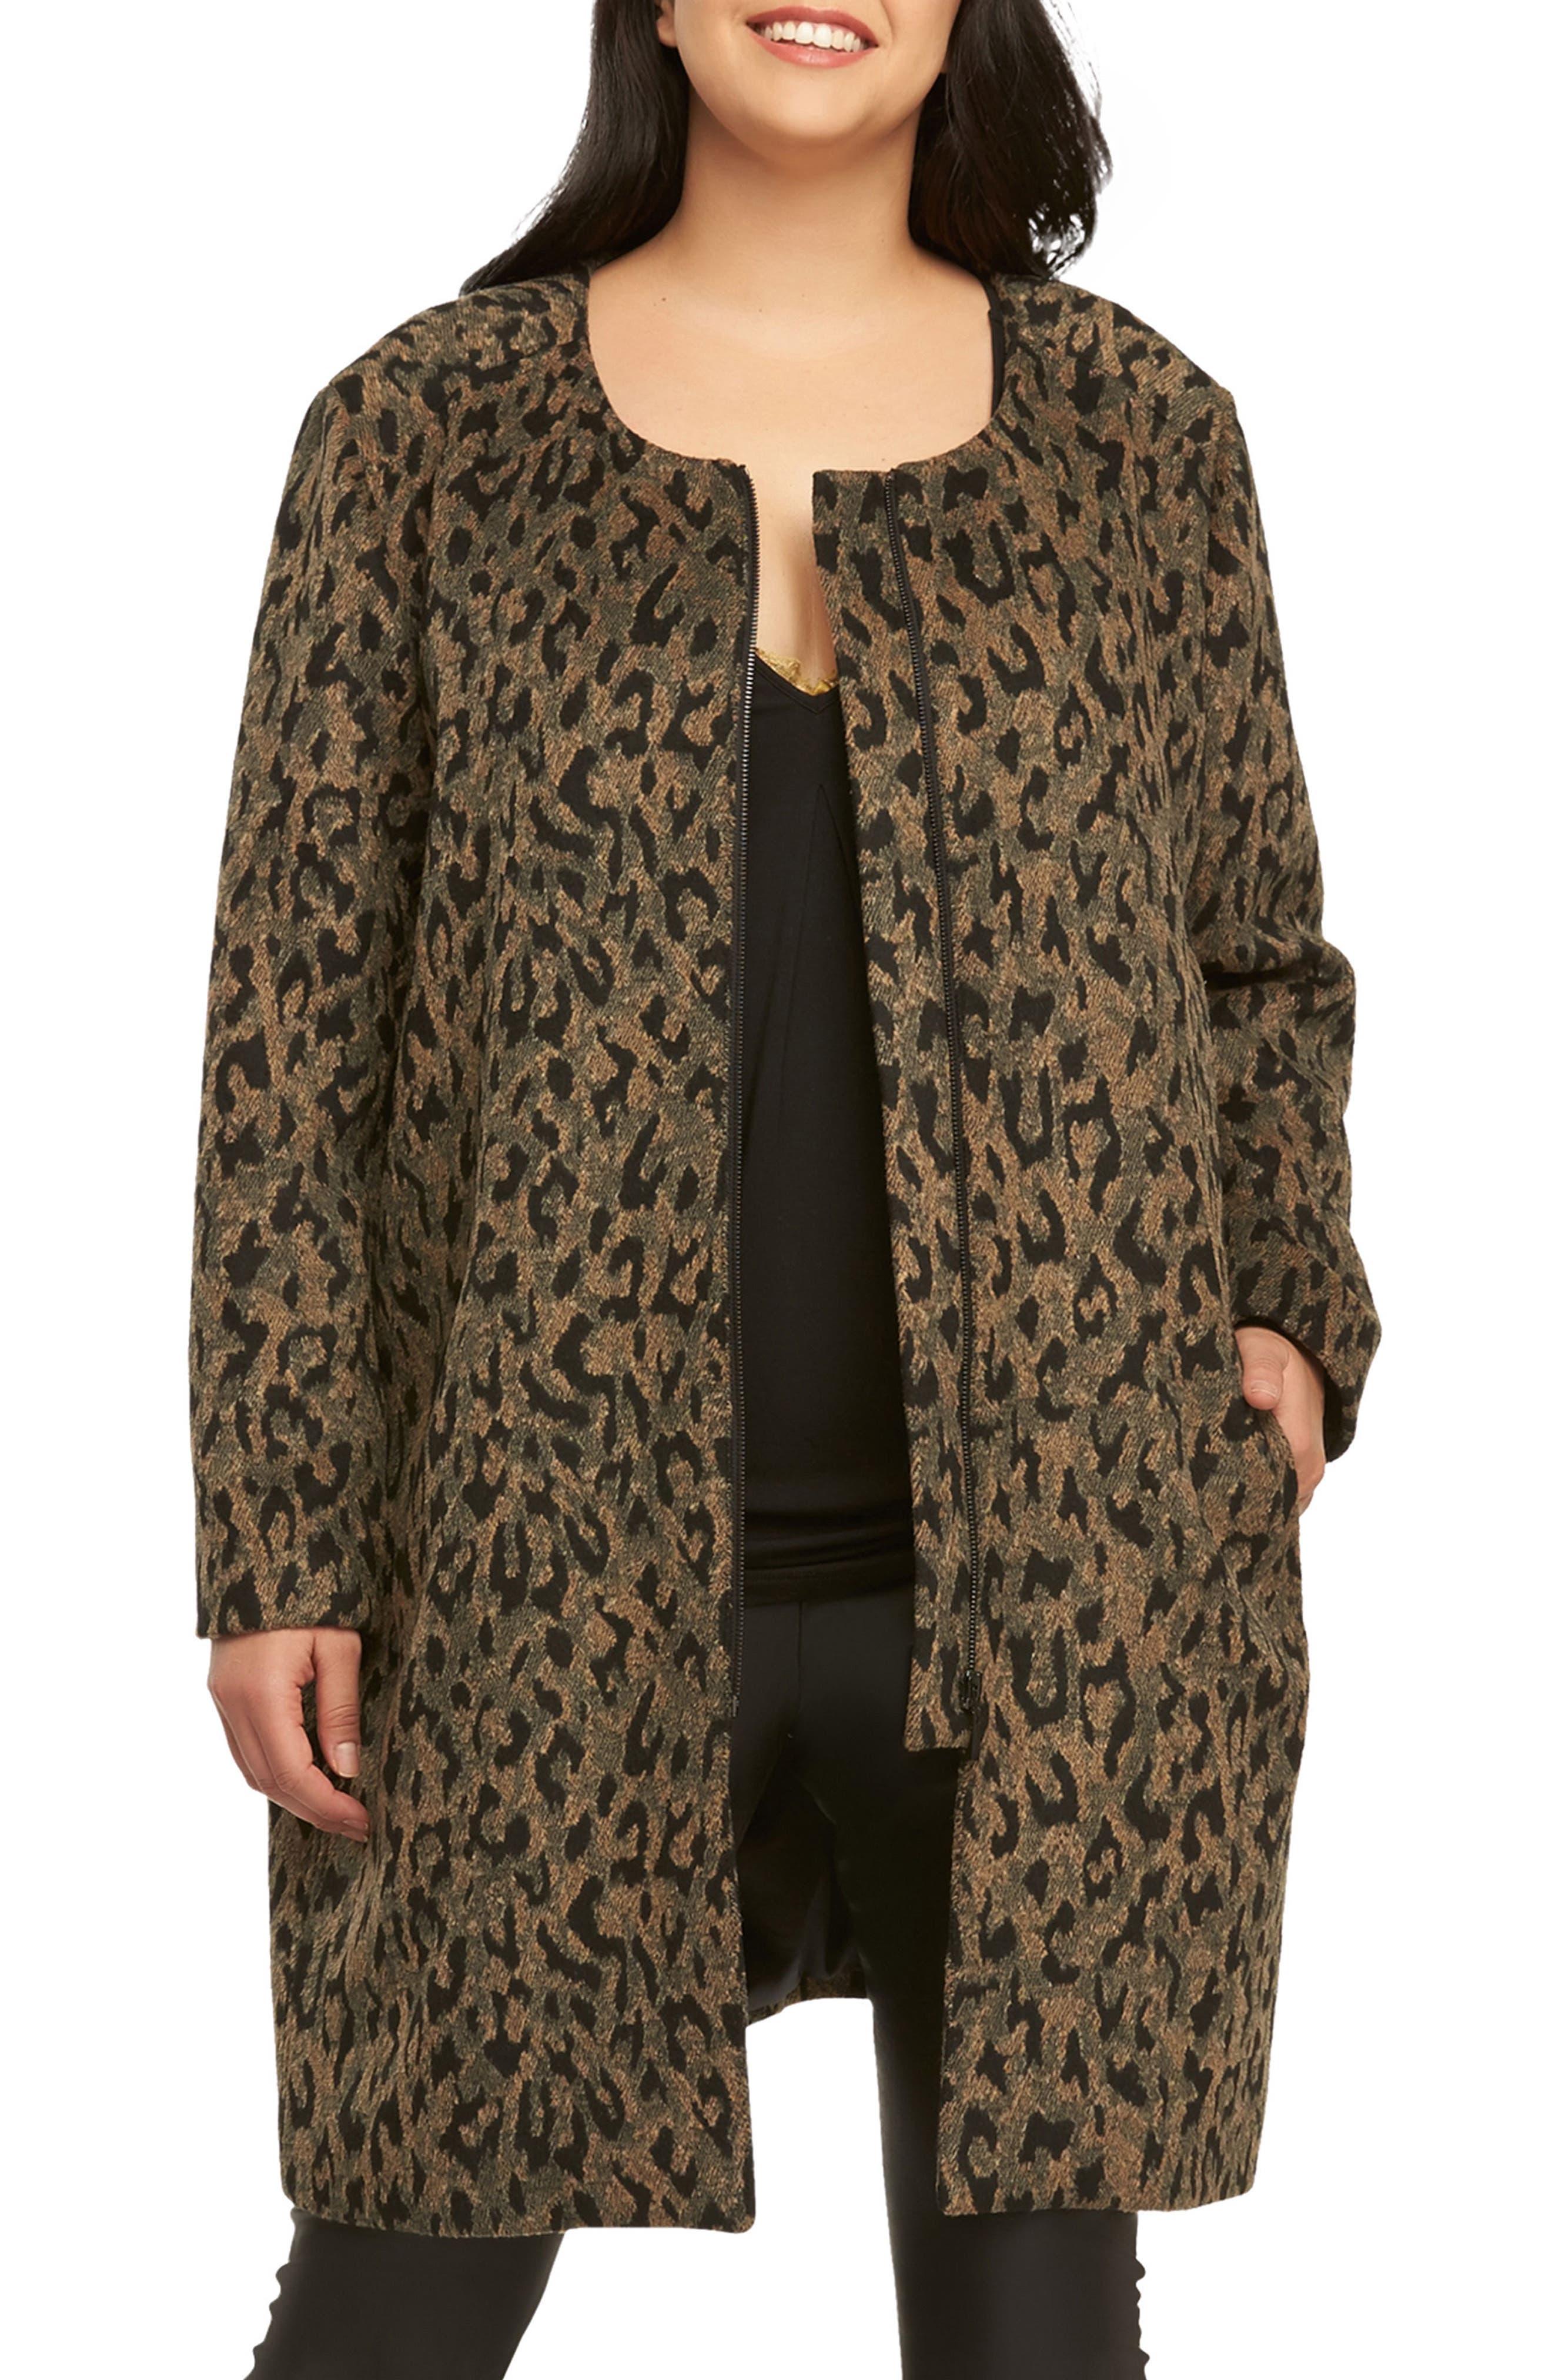 Ashton Leopard Print Coat,                             Main thumbnail 1, color,                             208